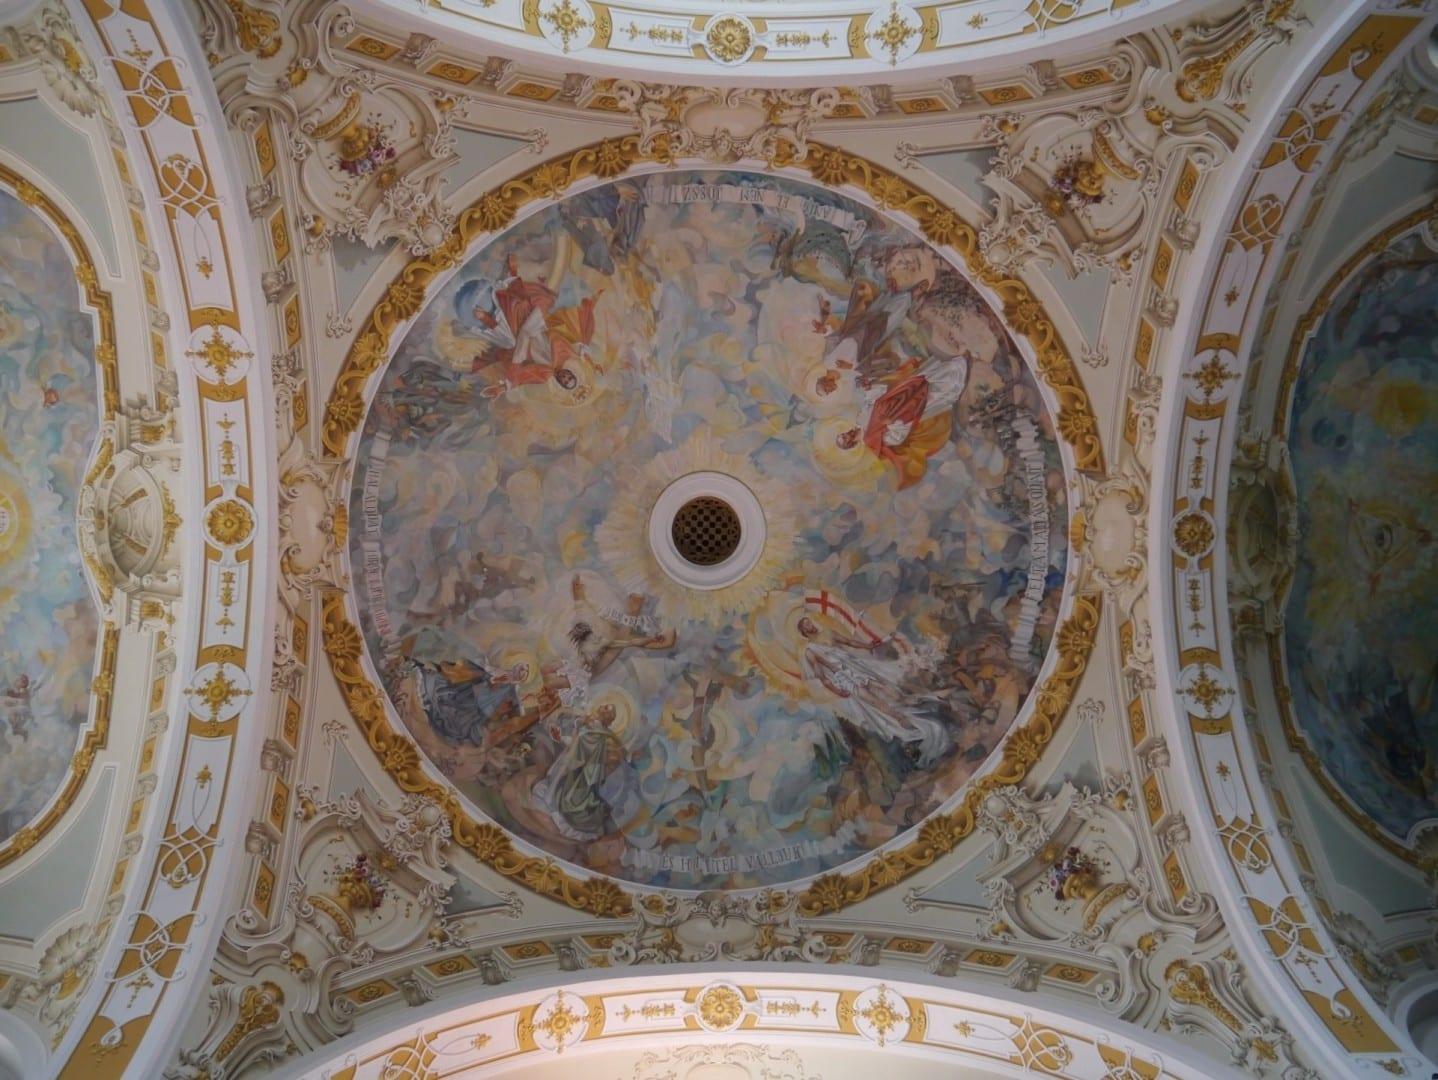 Techo de la Iglesia Dominicana de San Judas Tadeo Sopron Hungría